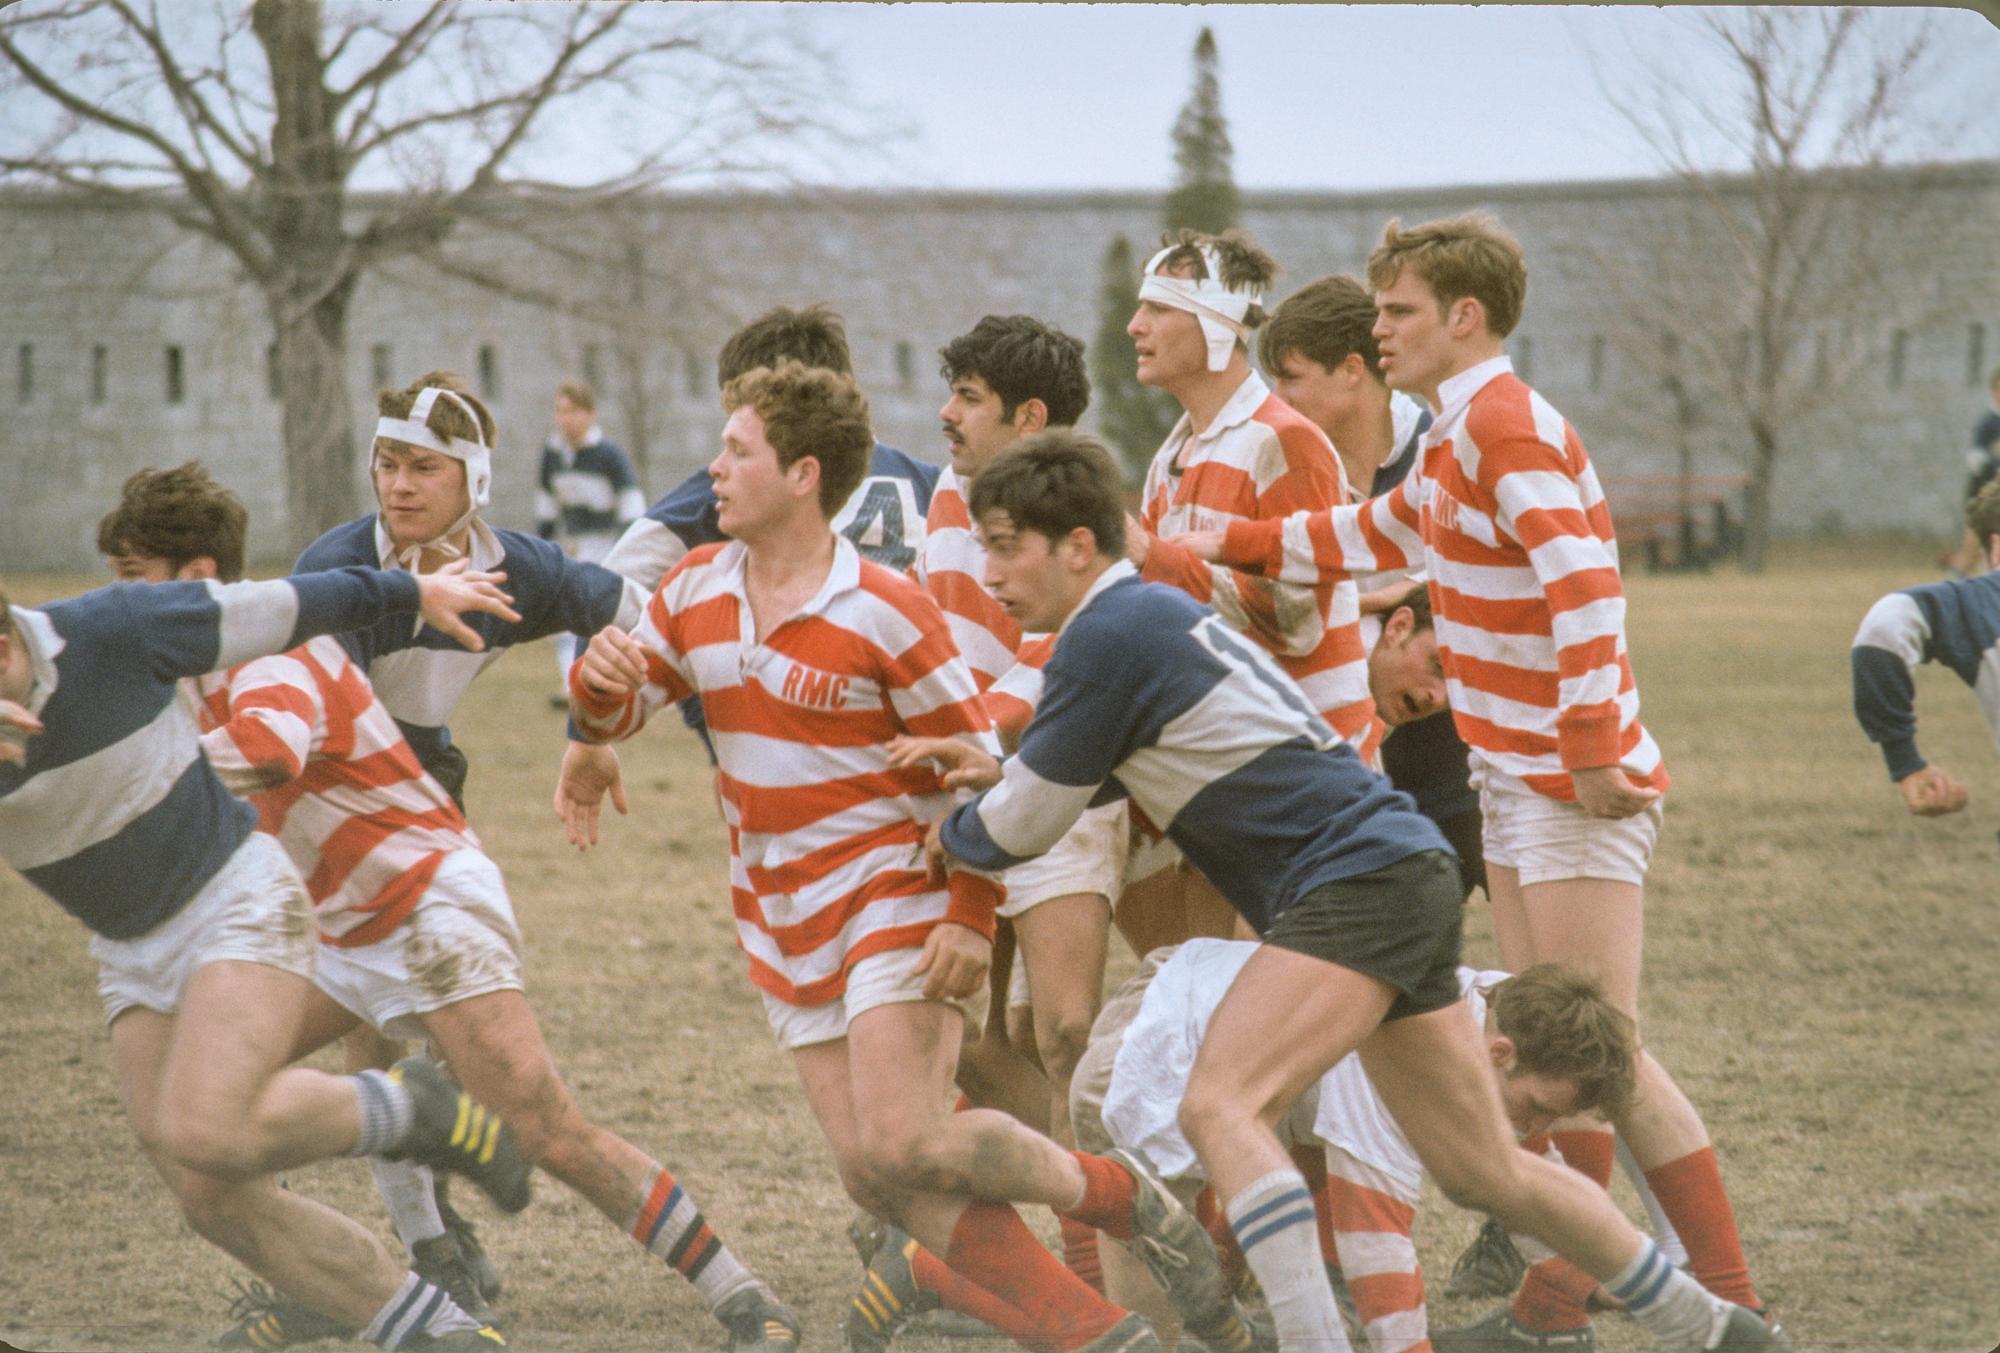 TDV 114 RMC RRMC Rugby.jpg